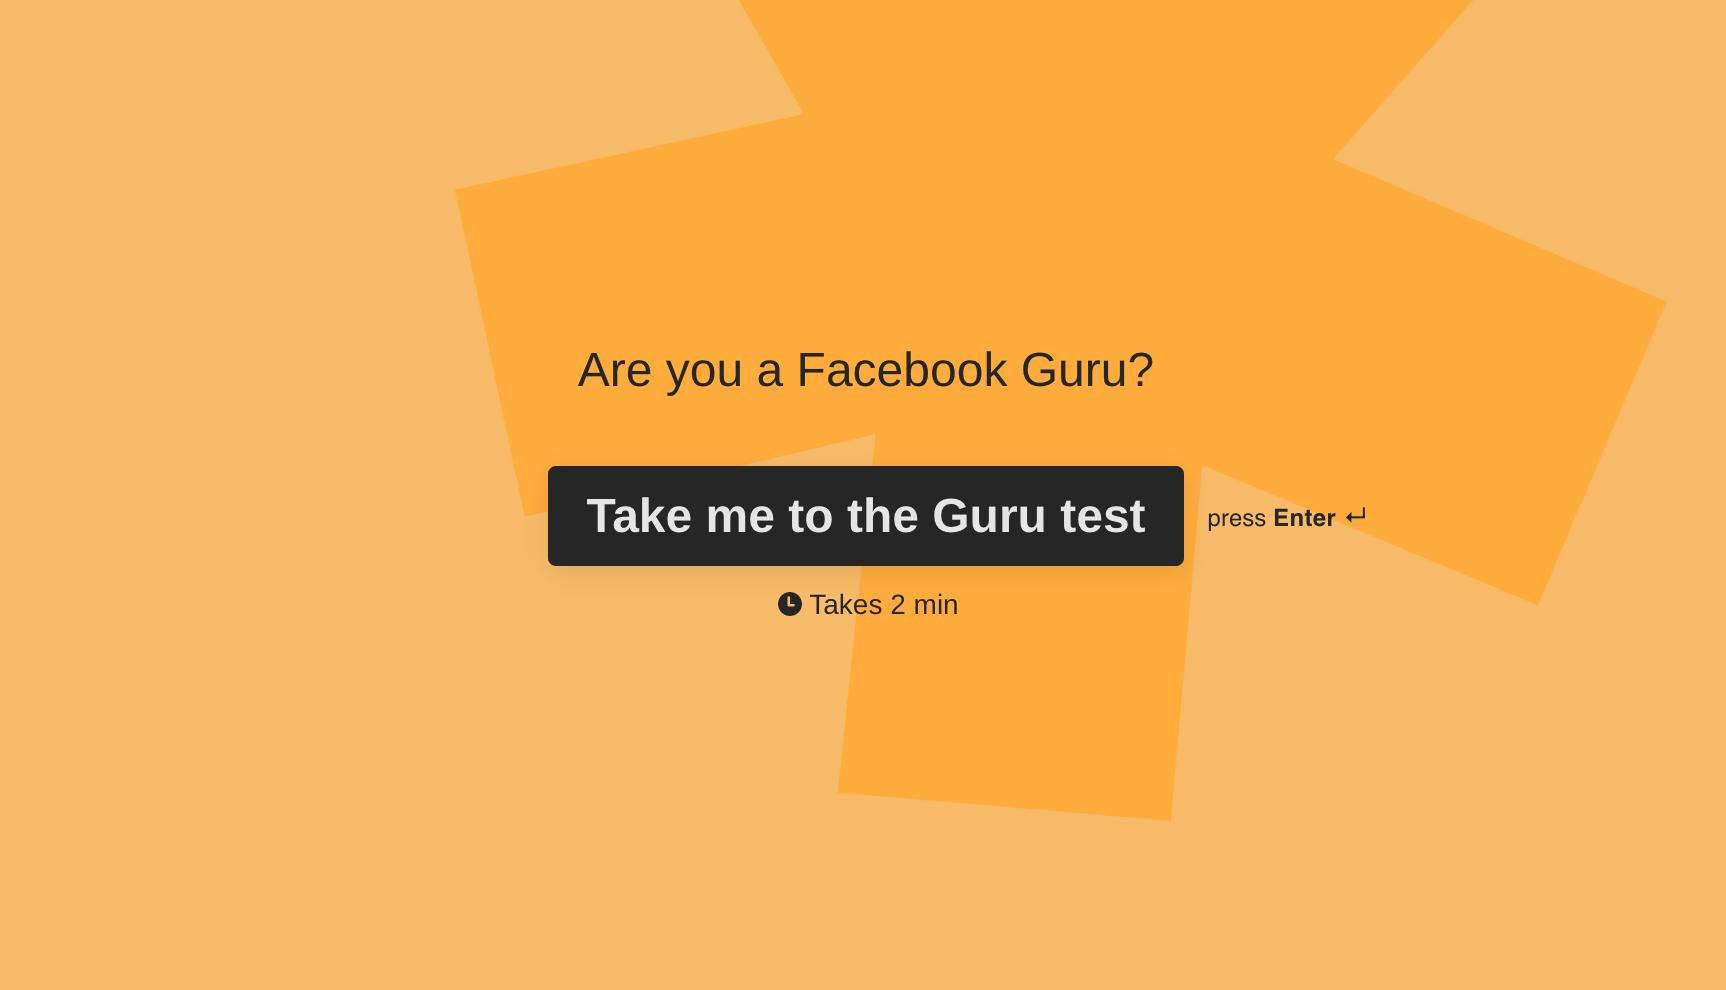 Are you a Facebook Guru?